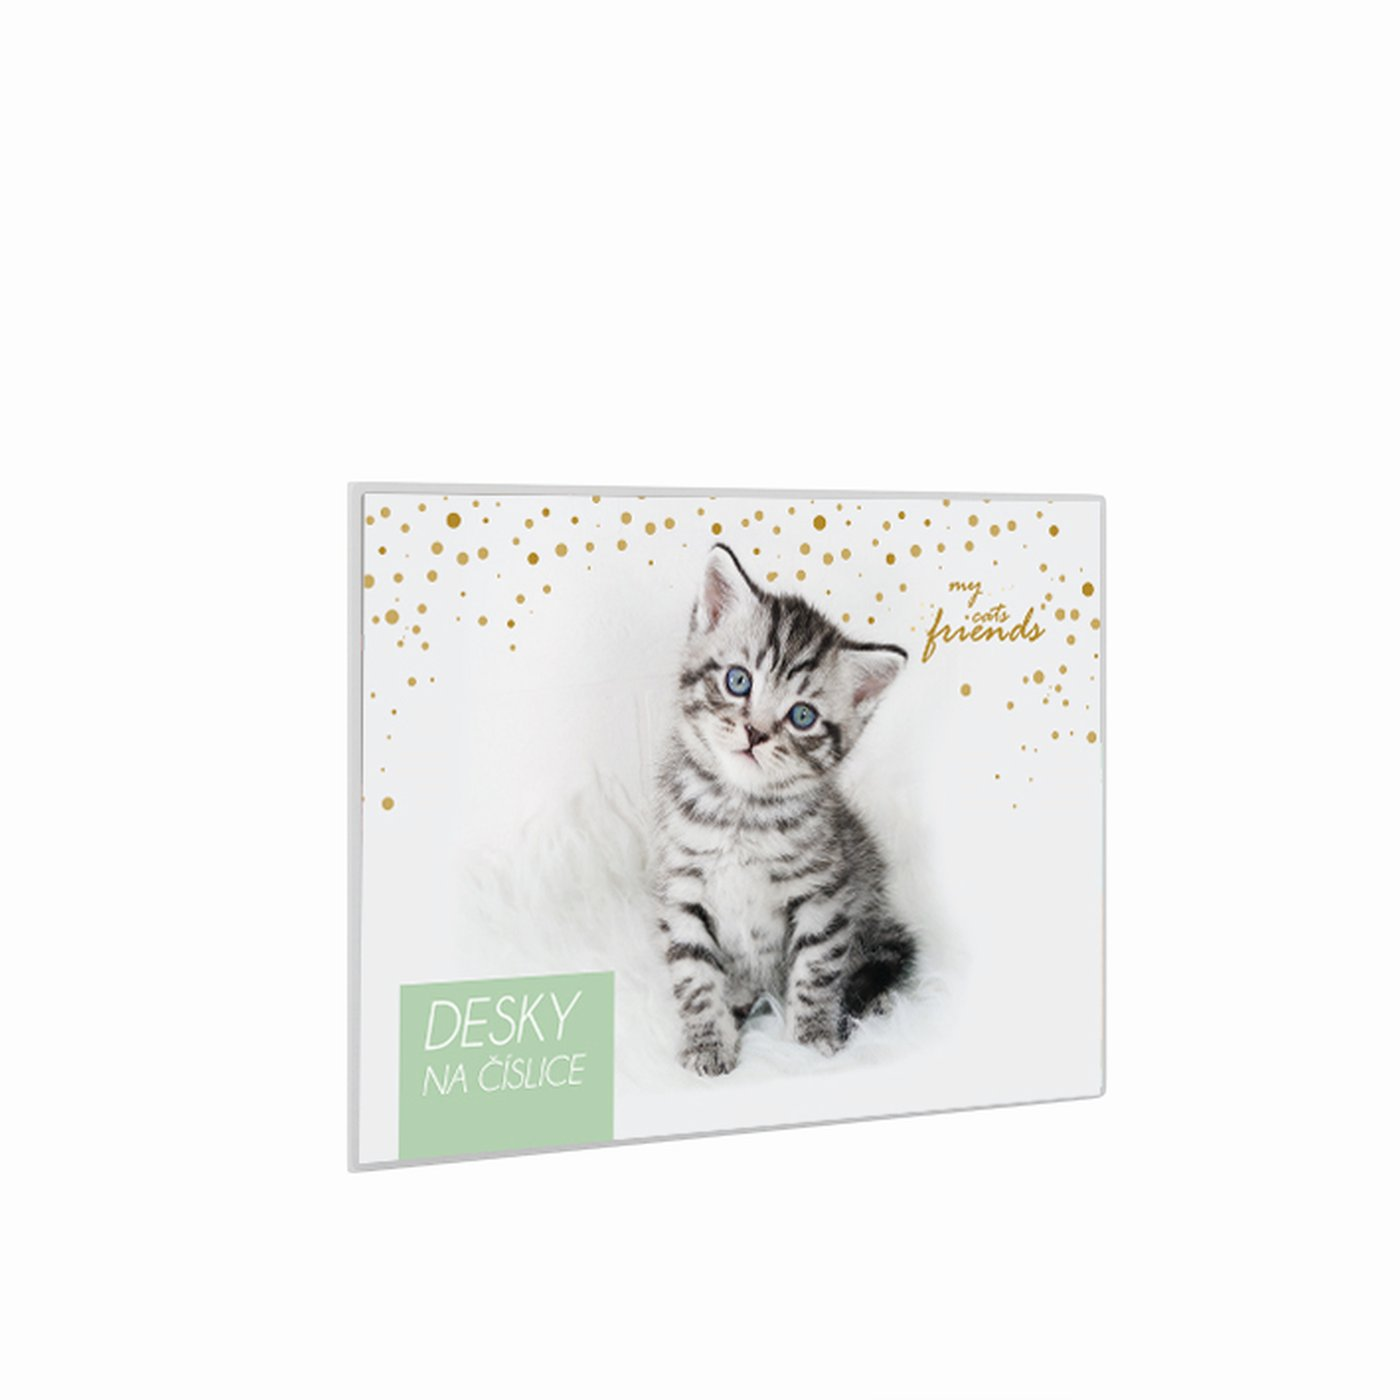 Desky na číslice kočka